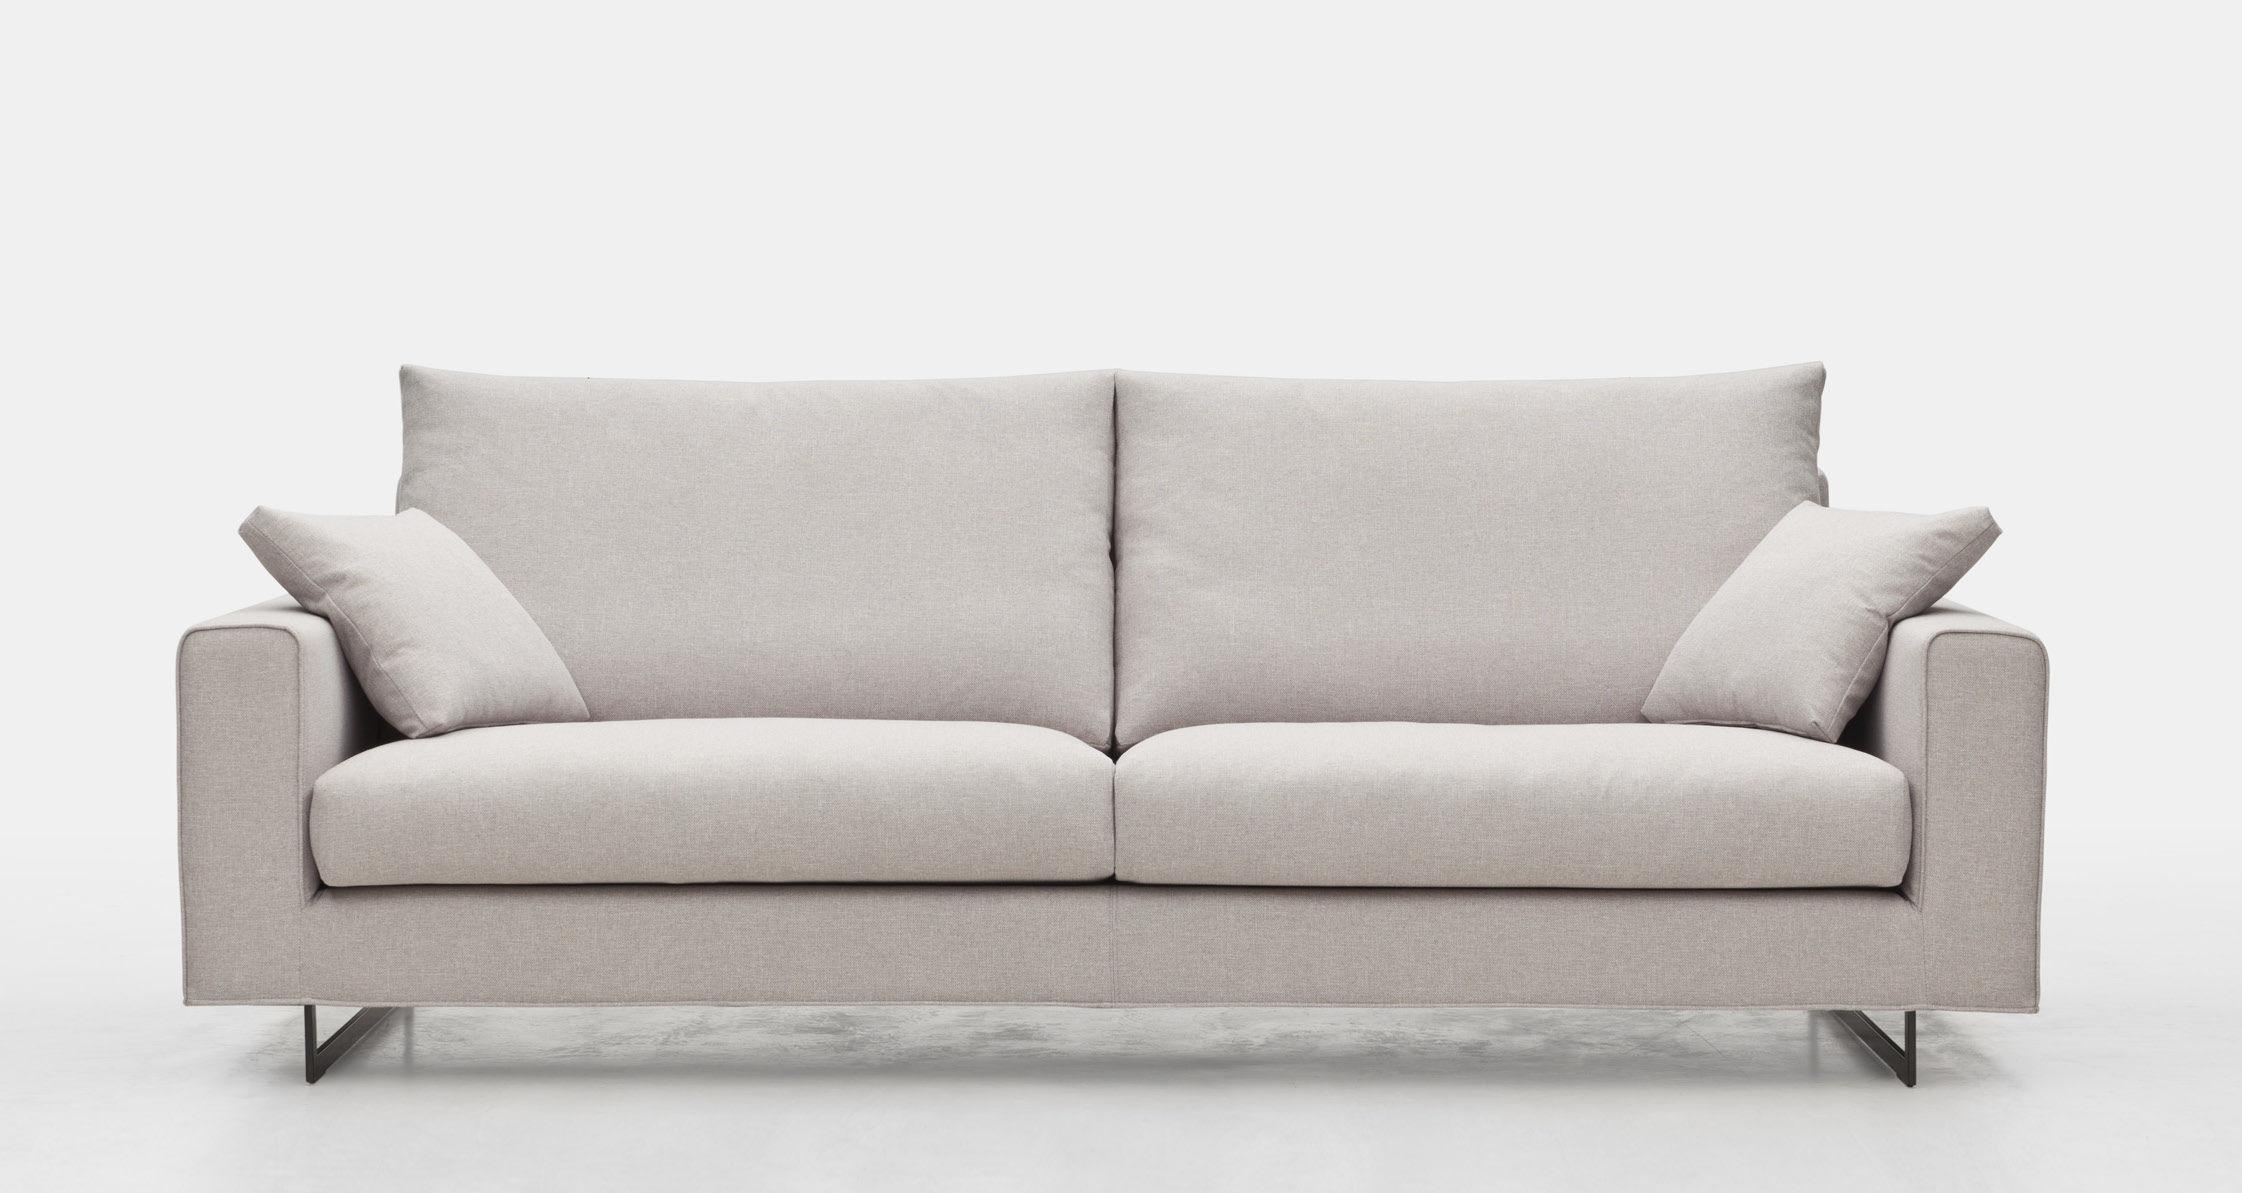 Modular sofa / contemporary / fabric / 2-person - PARK - Joquer